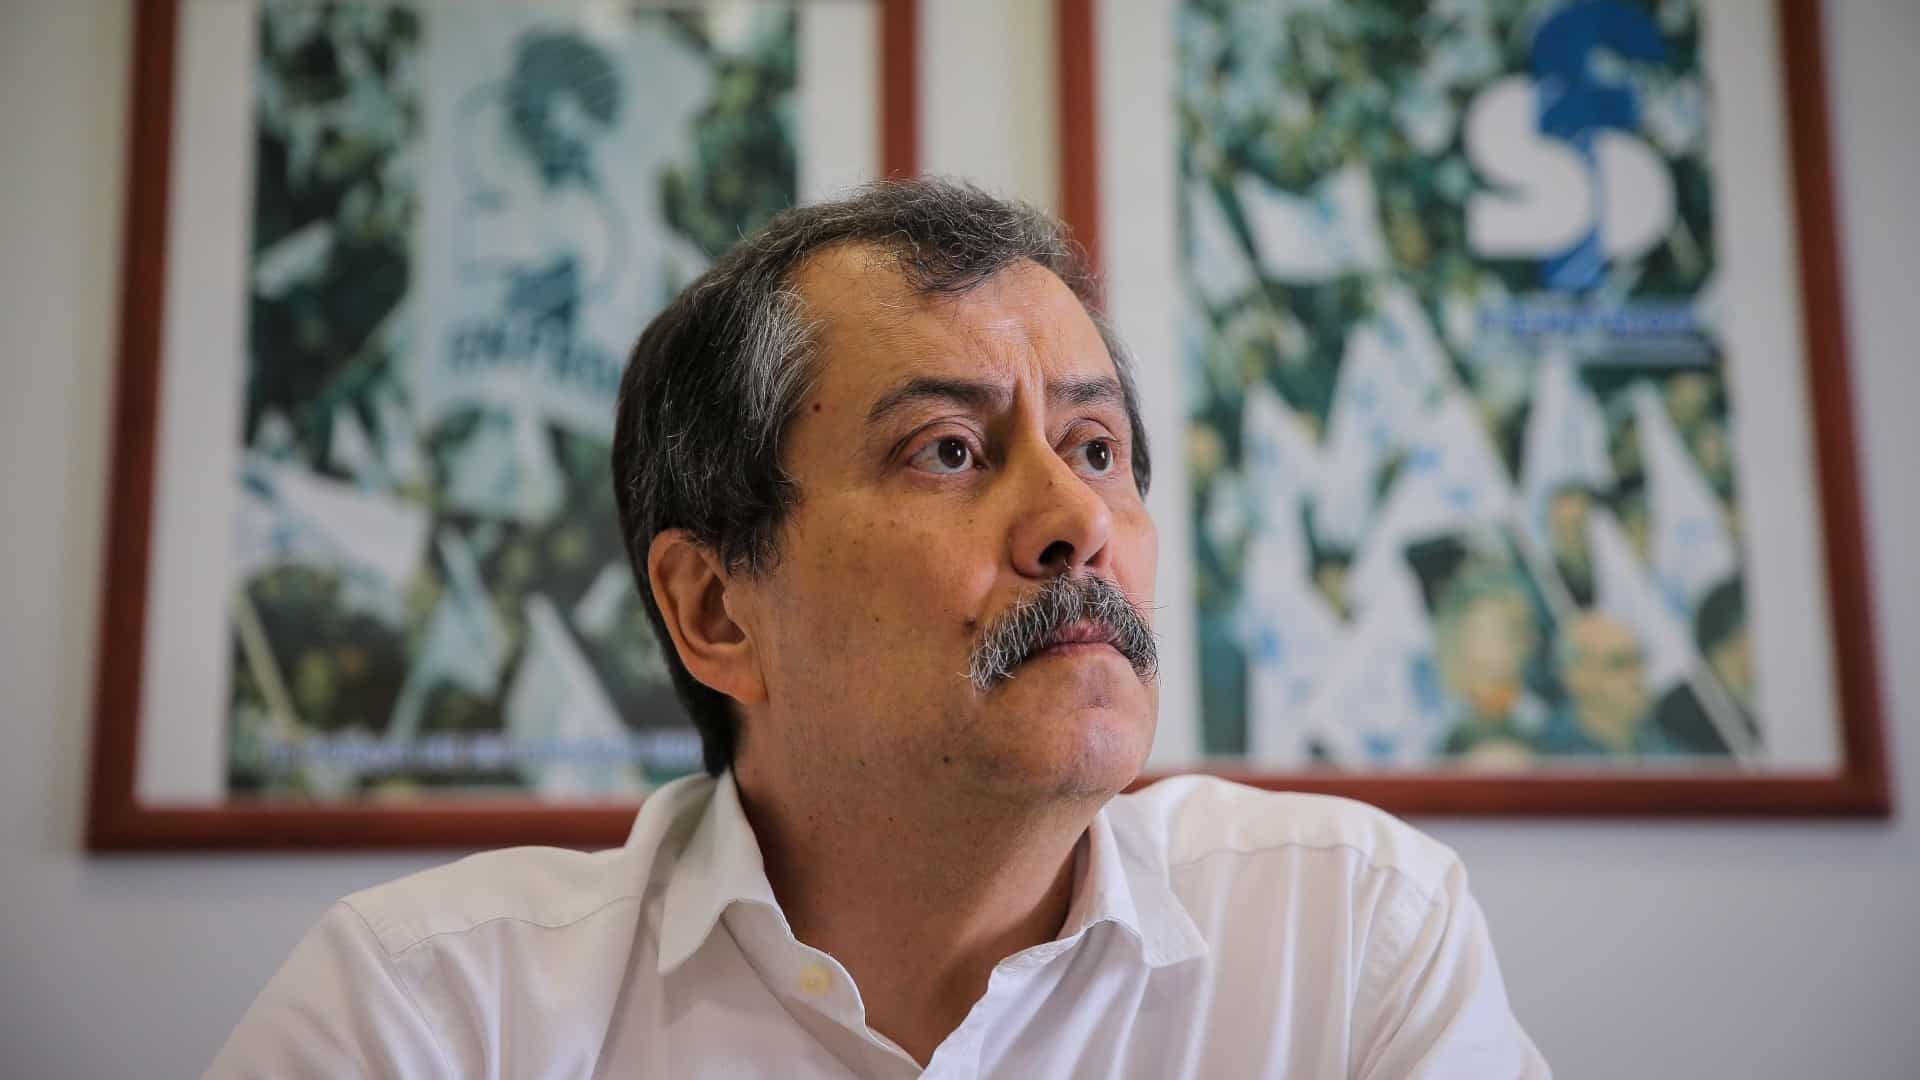 Fenprof garante greve até agosto de 2019 se o Governo mantiver posição